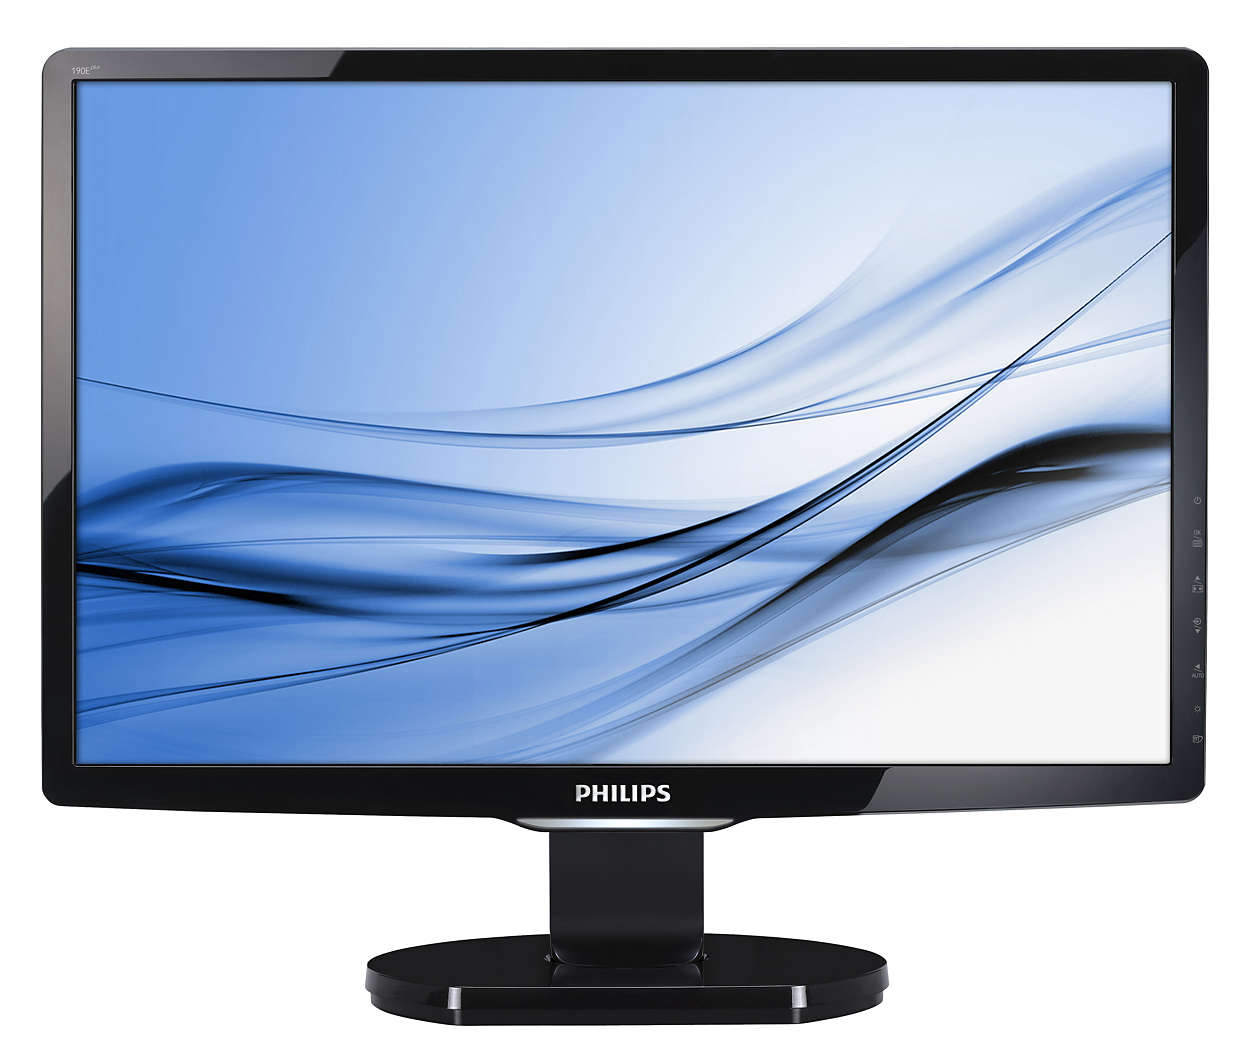 Elegantní displej HD nabízí vysokou kvalitu